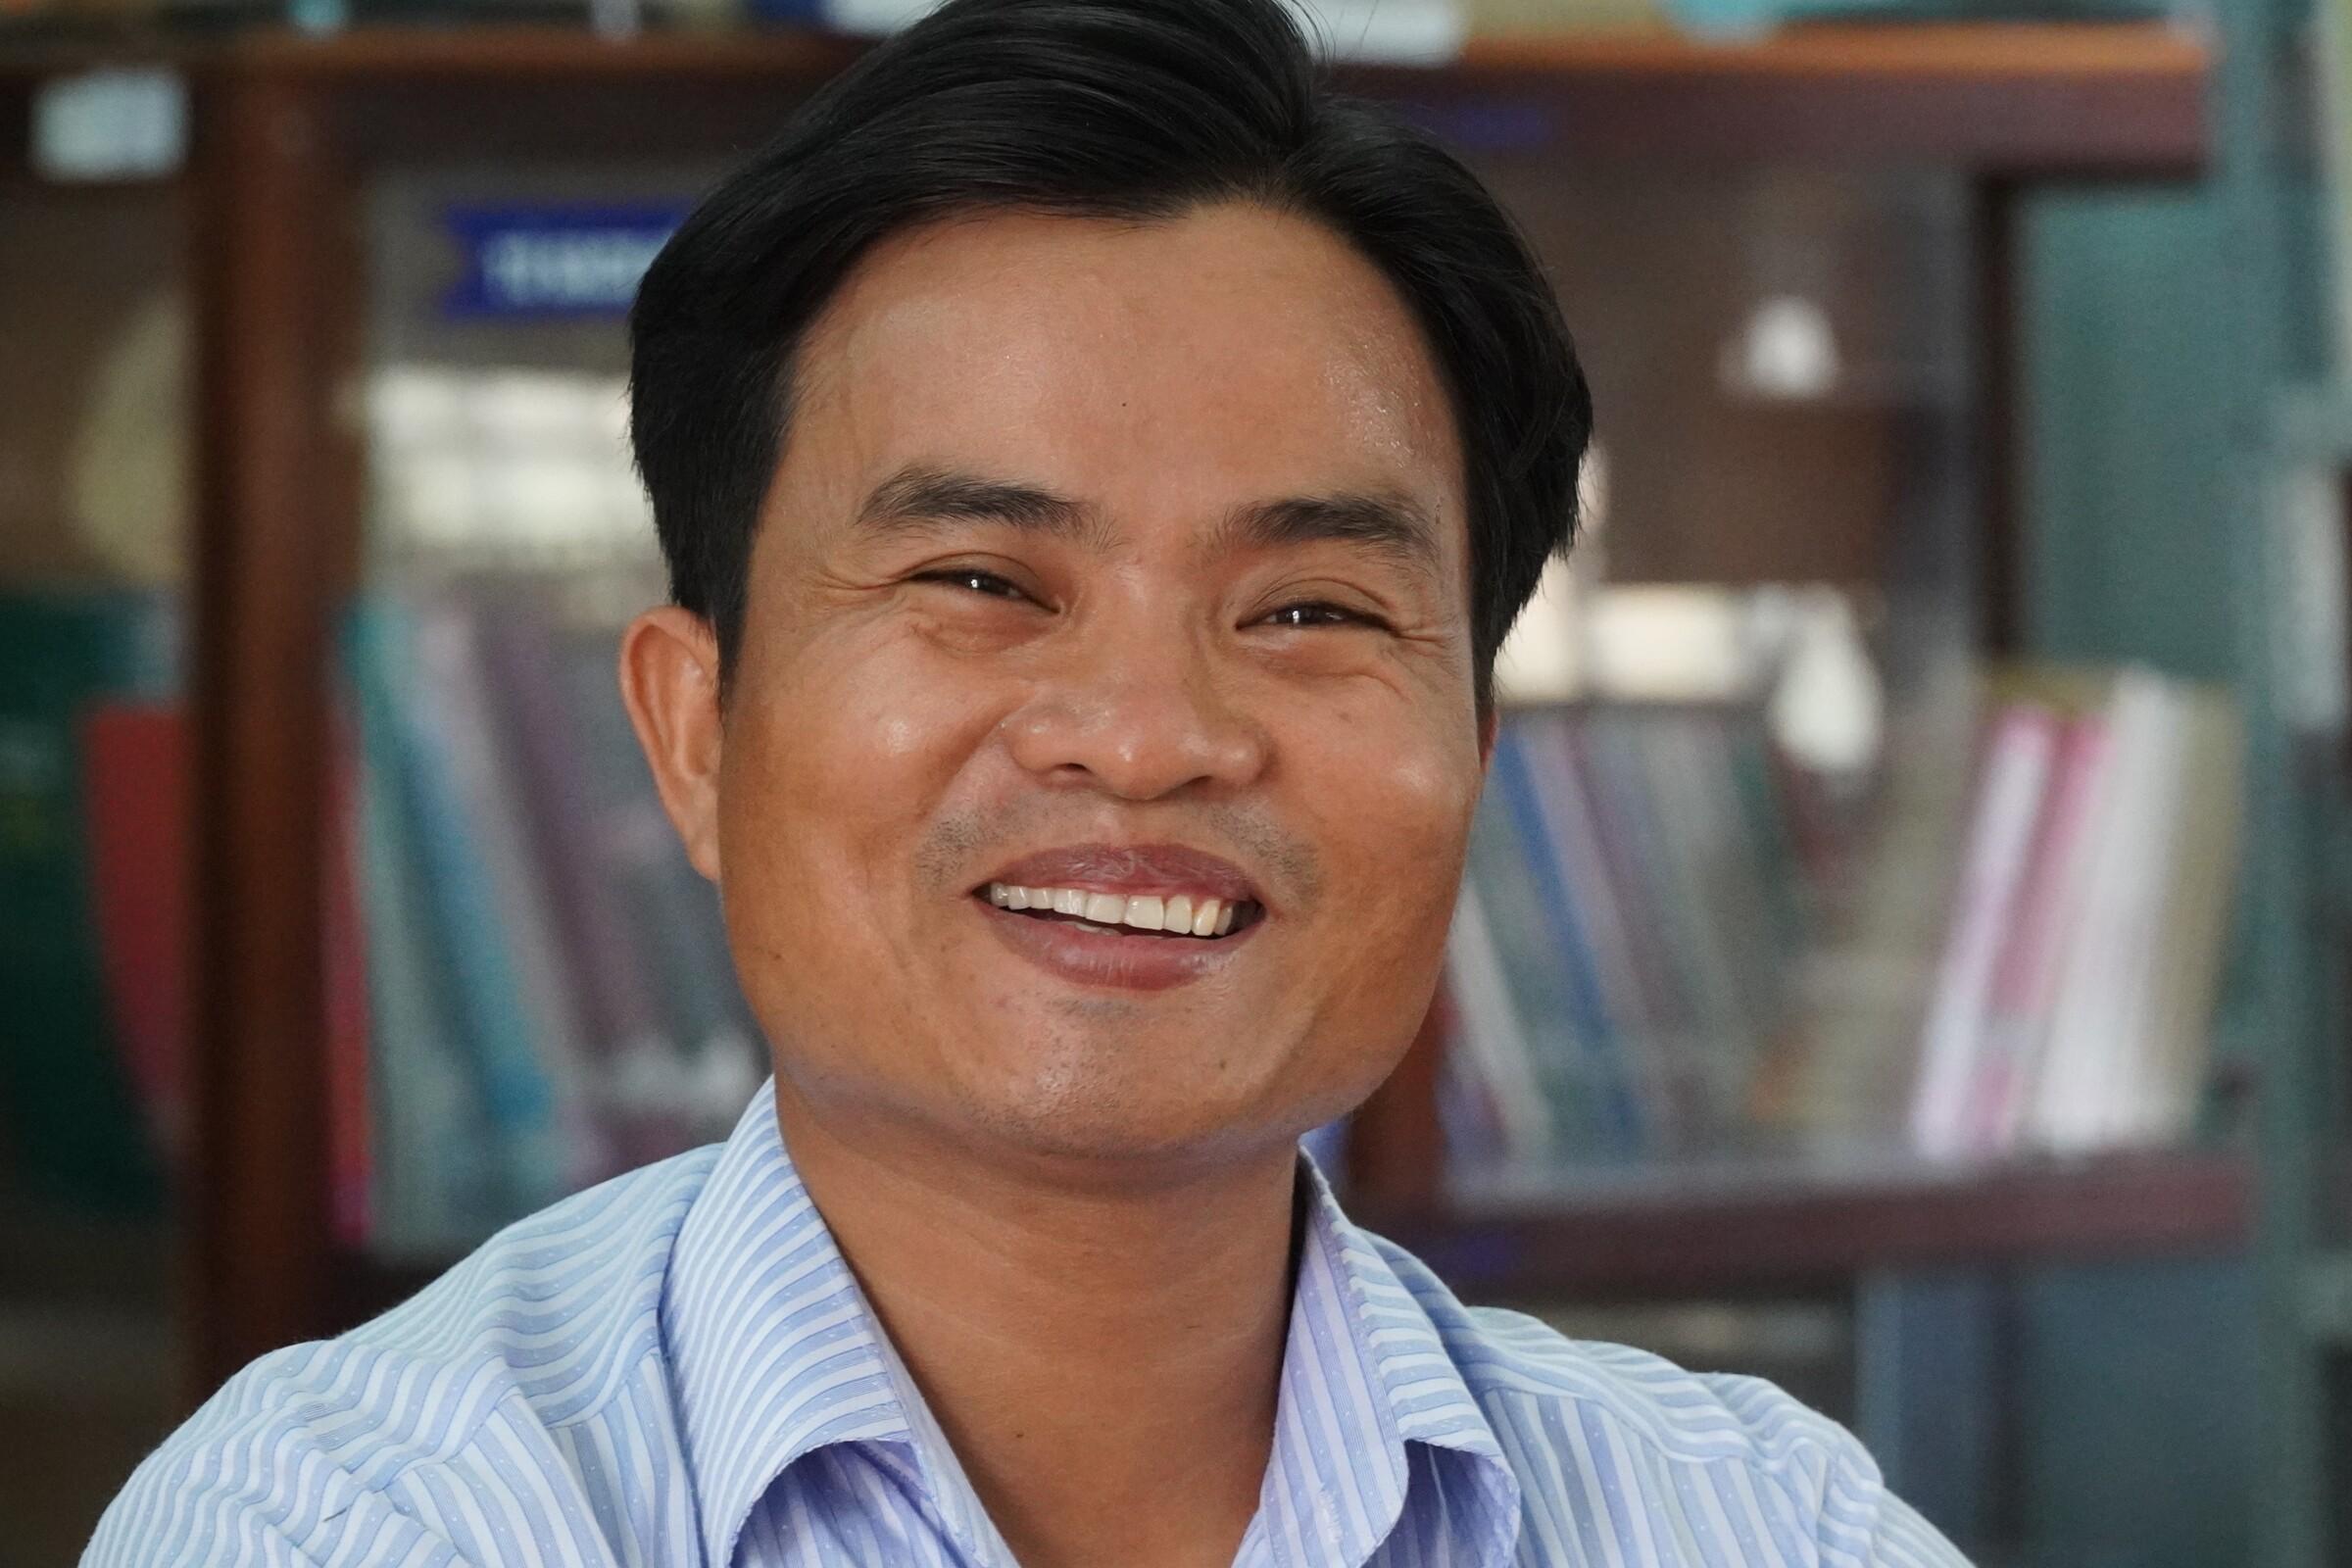 Thầy giáo Võ Văn Cư, Trường THPT Nguyễn Văn Trỗi (huyện Tánh Linh). Ảnh: Việt Quốc.